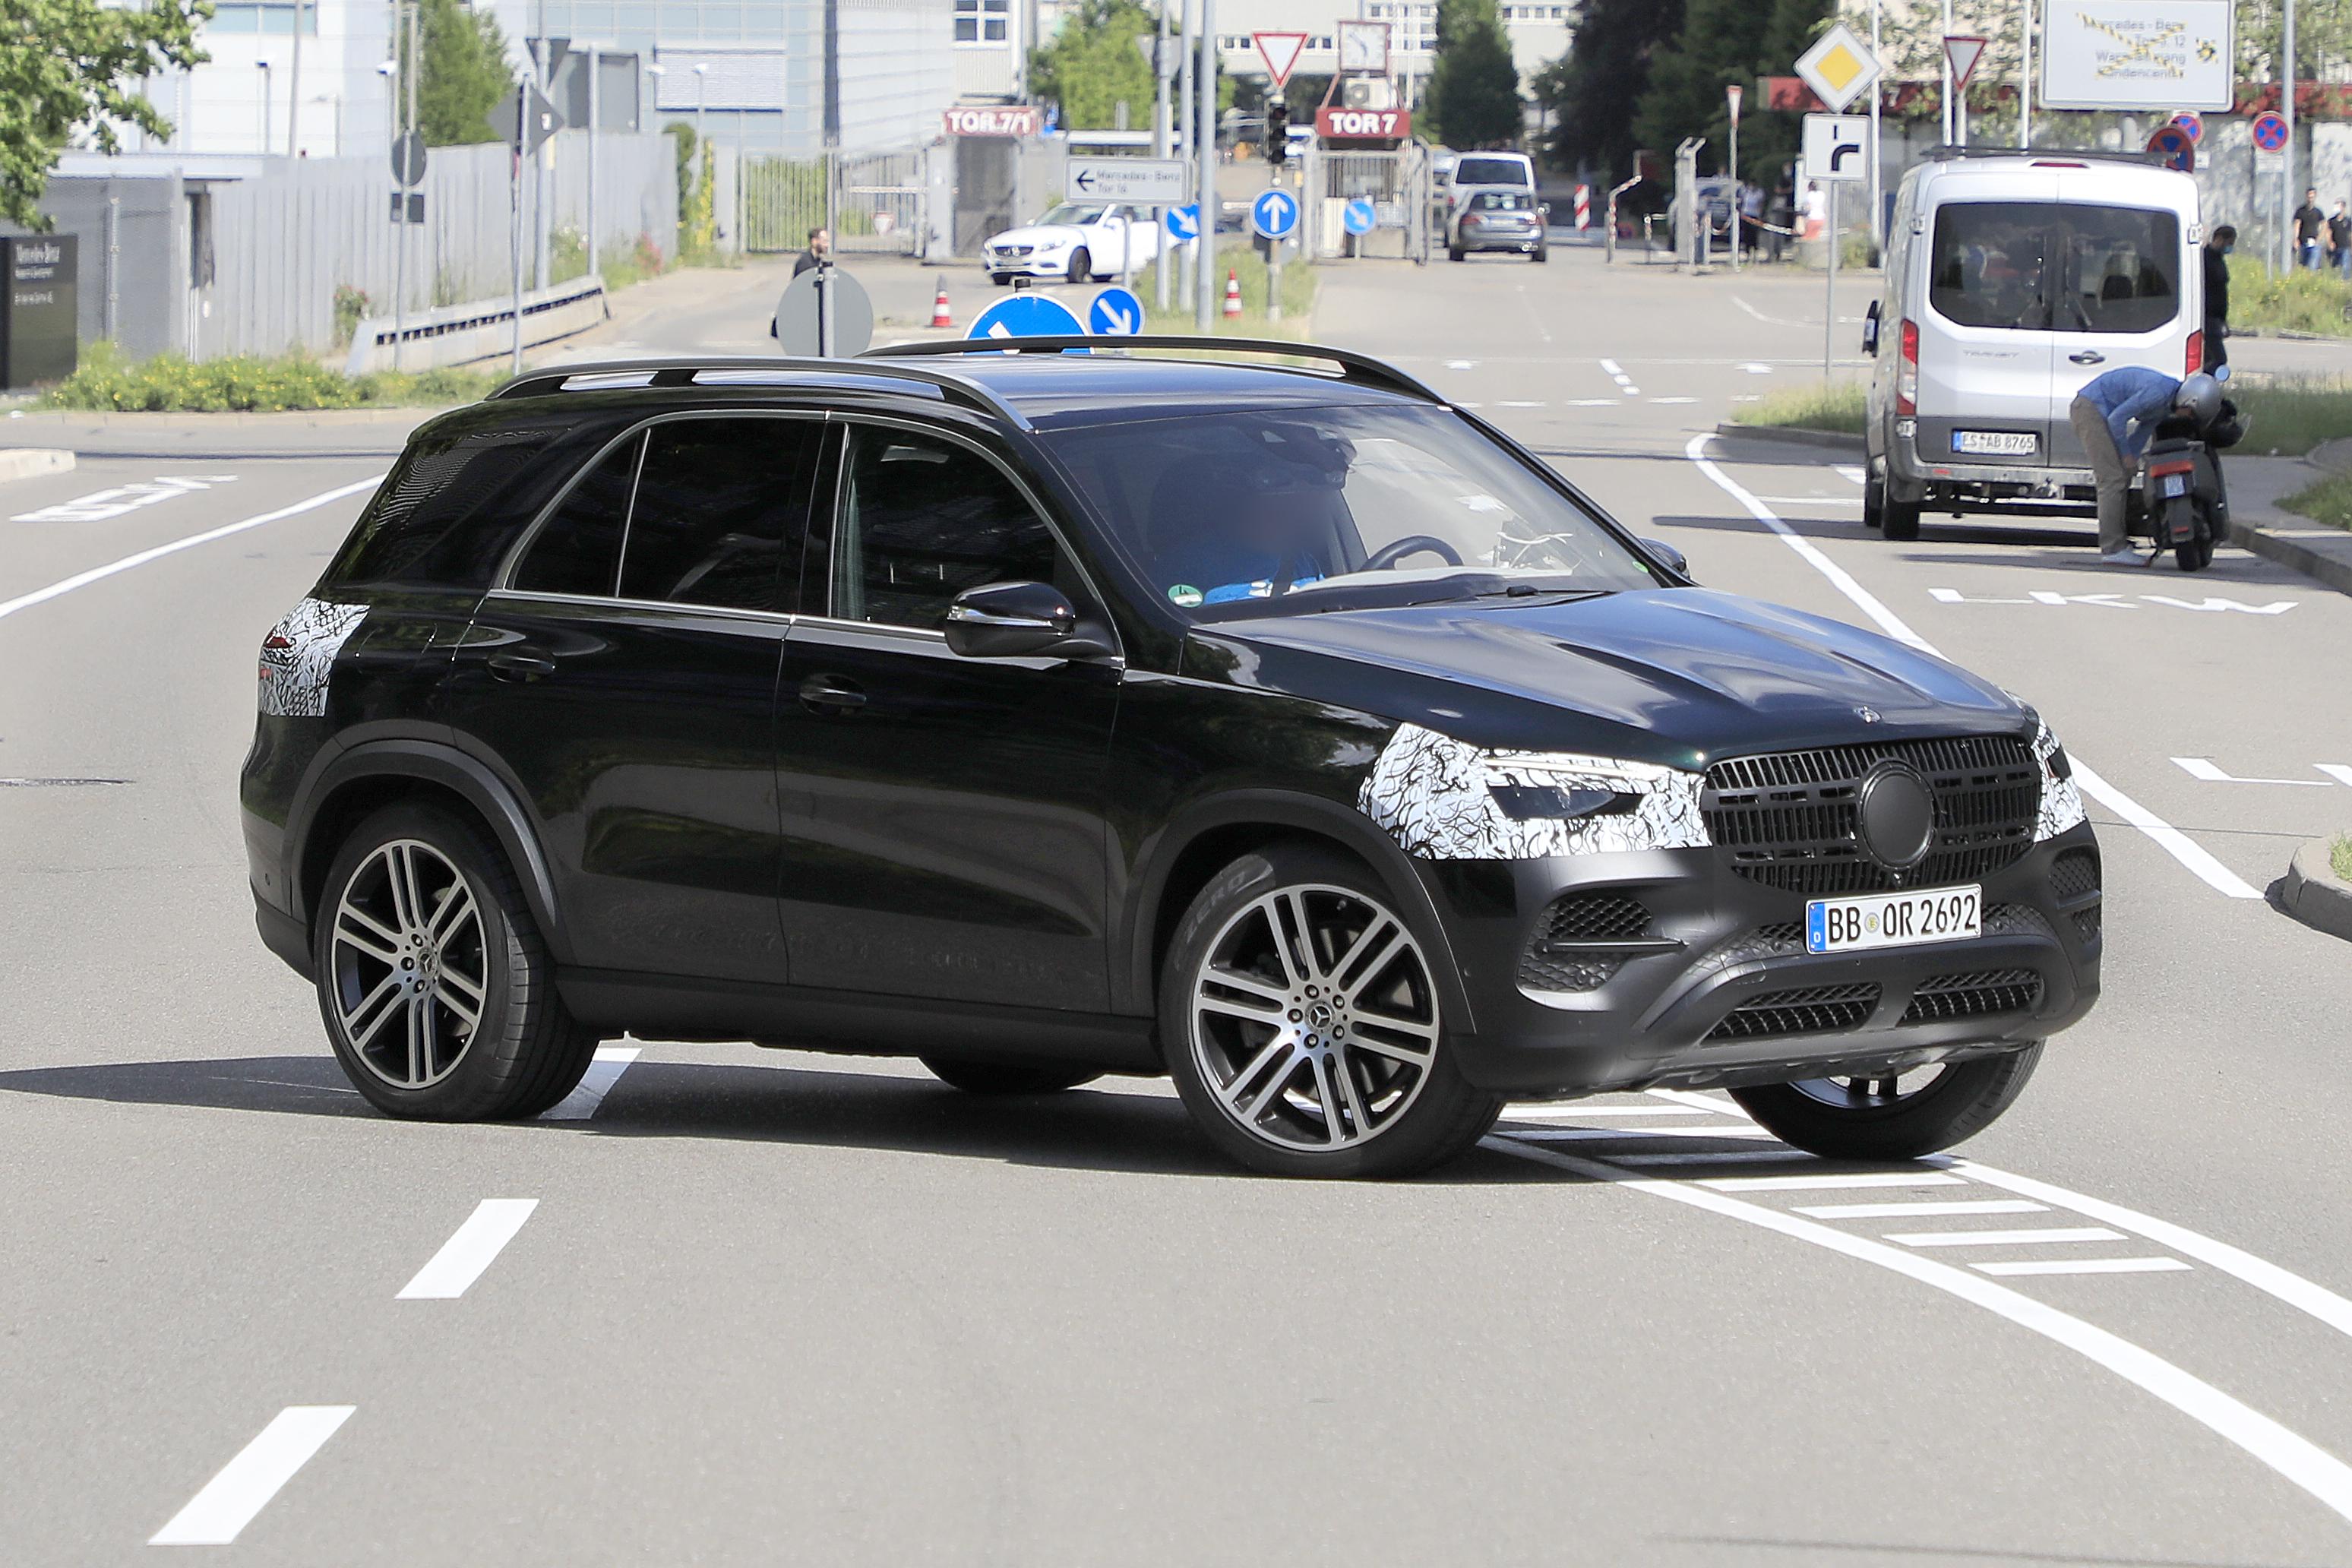 Mercedes GLE Facelift